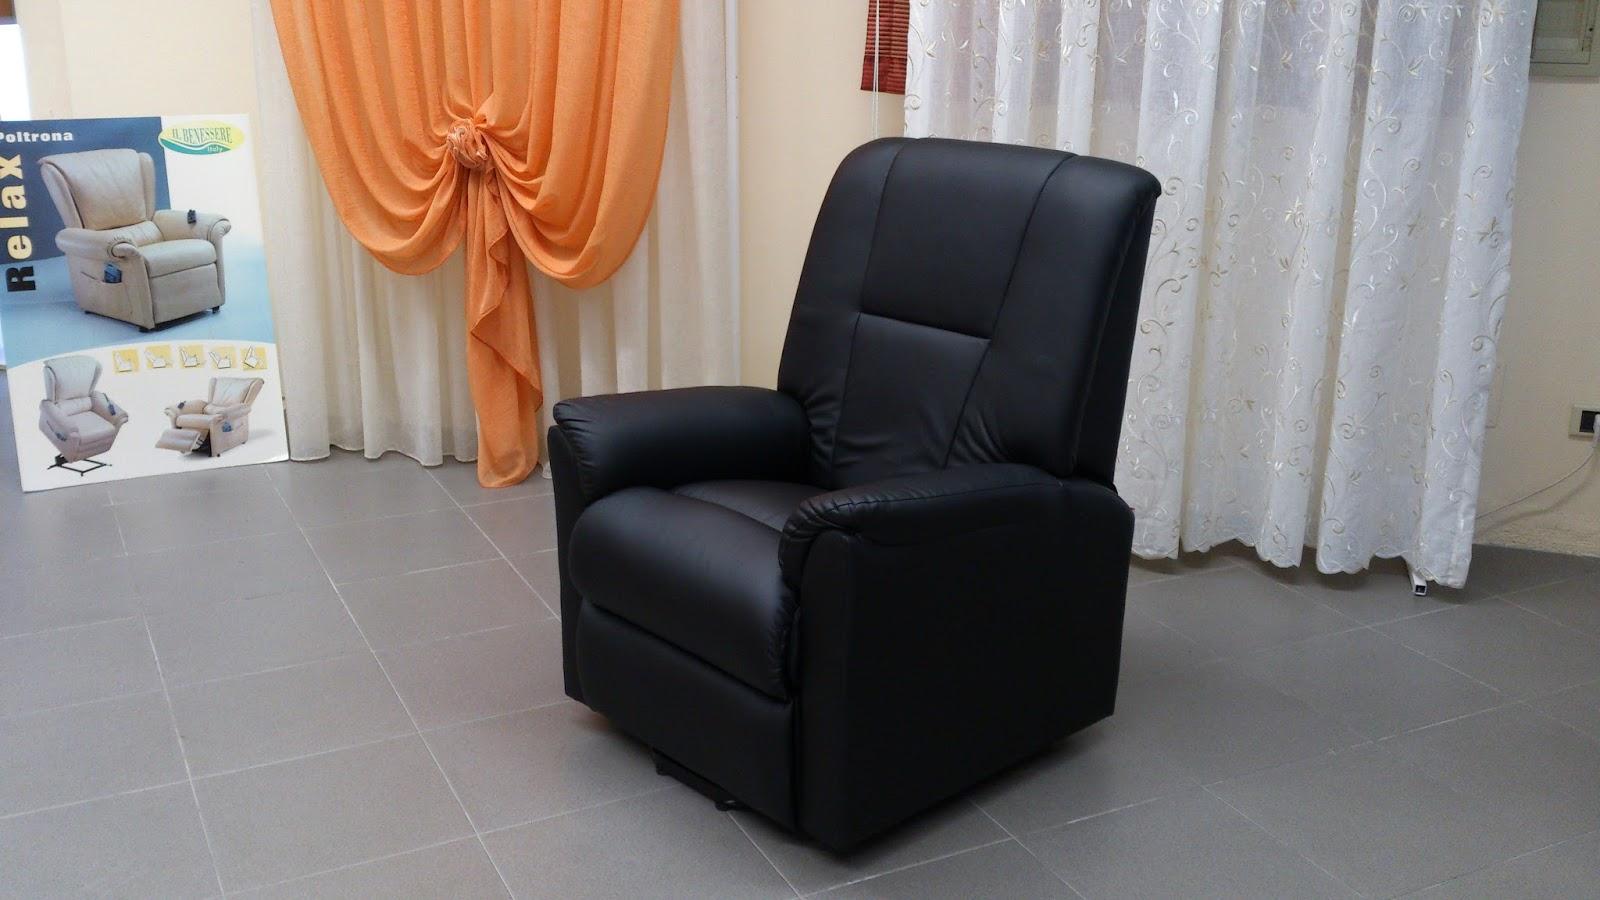 Tende materassi letti poltrone divani zilvetti tendaggi for Materassi scontatissimi